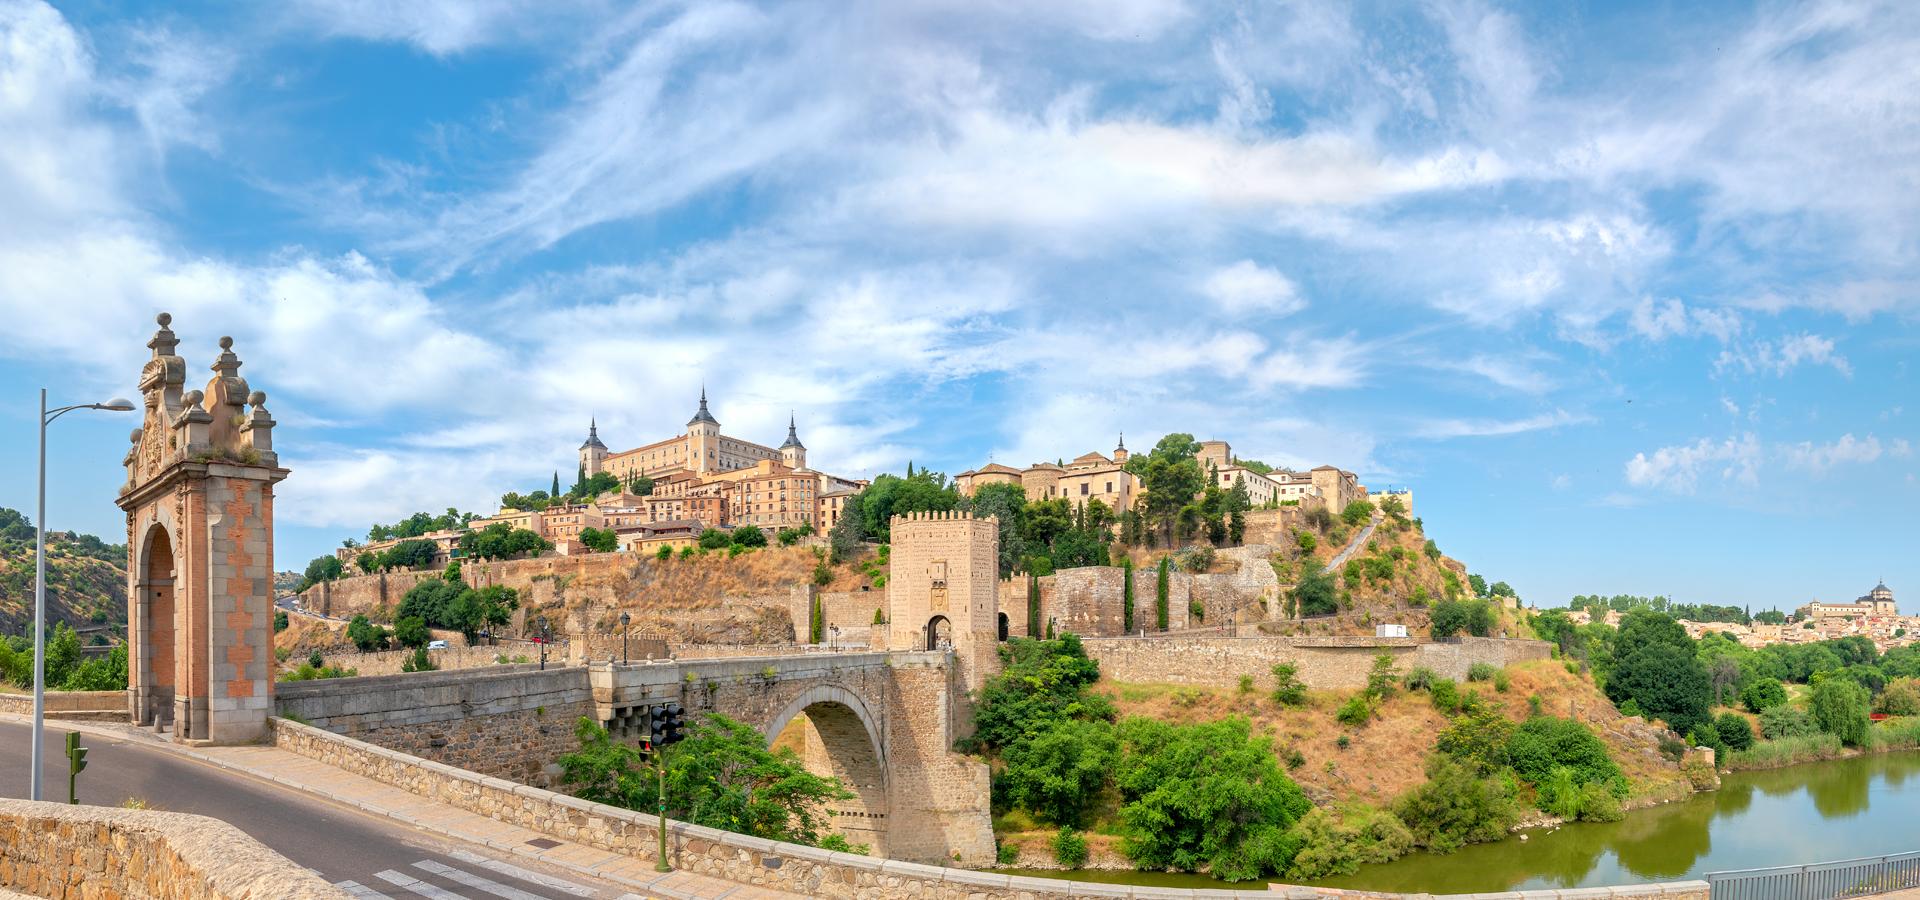 Peer-to-peer advisory in Toledo, Spain